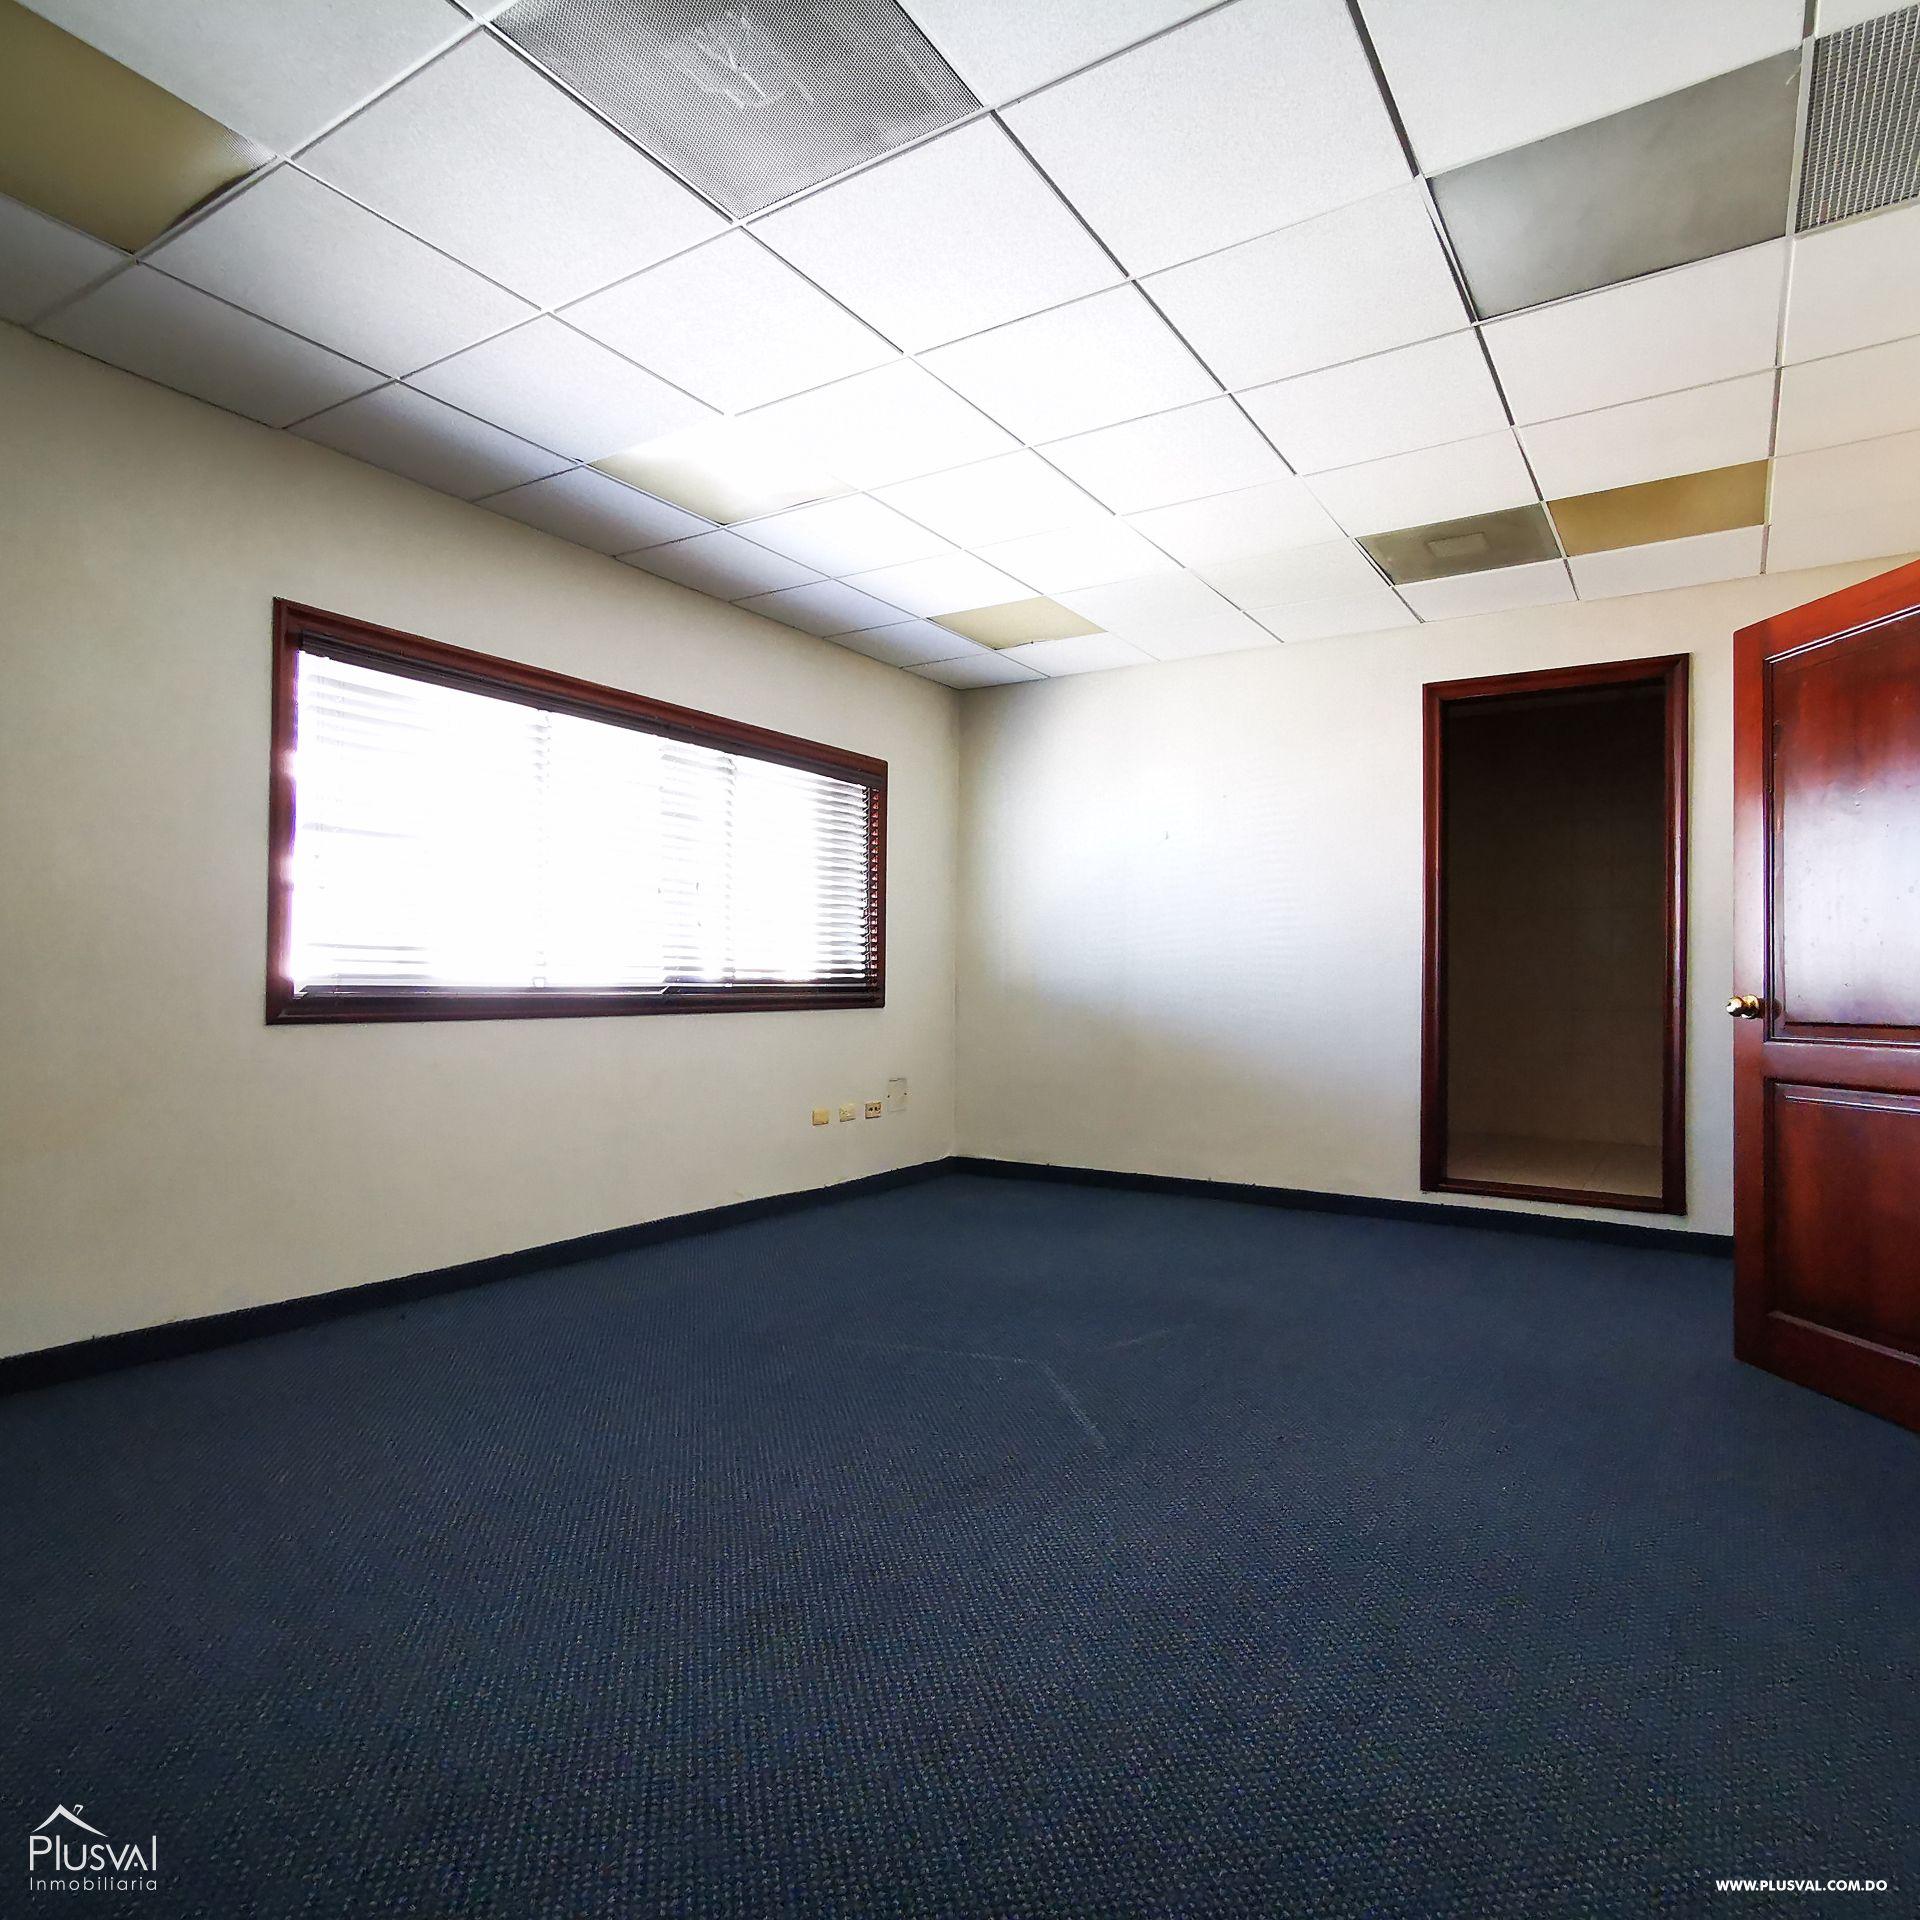 Local de Oficina en Alquiler en La Esperilla